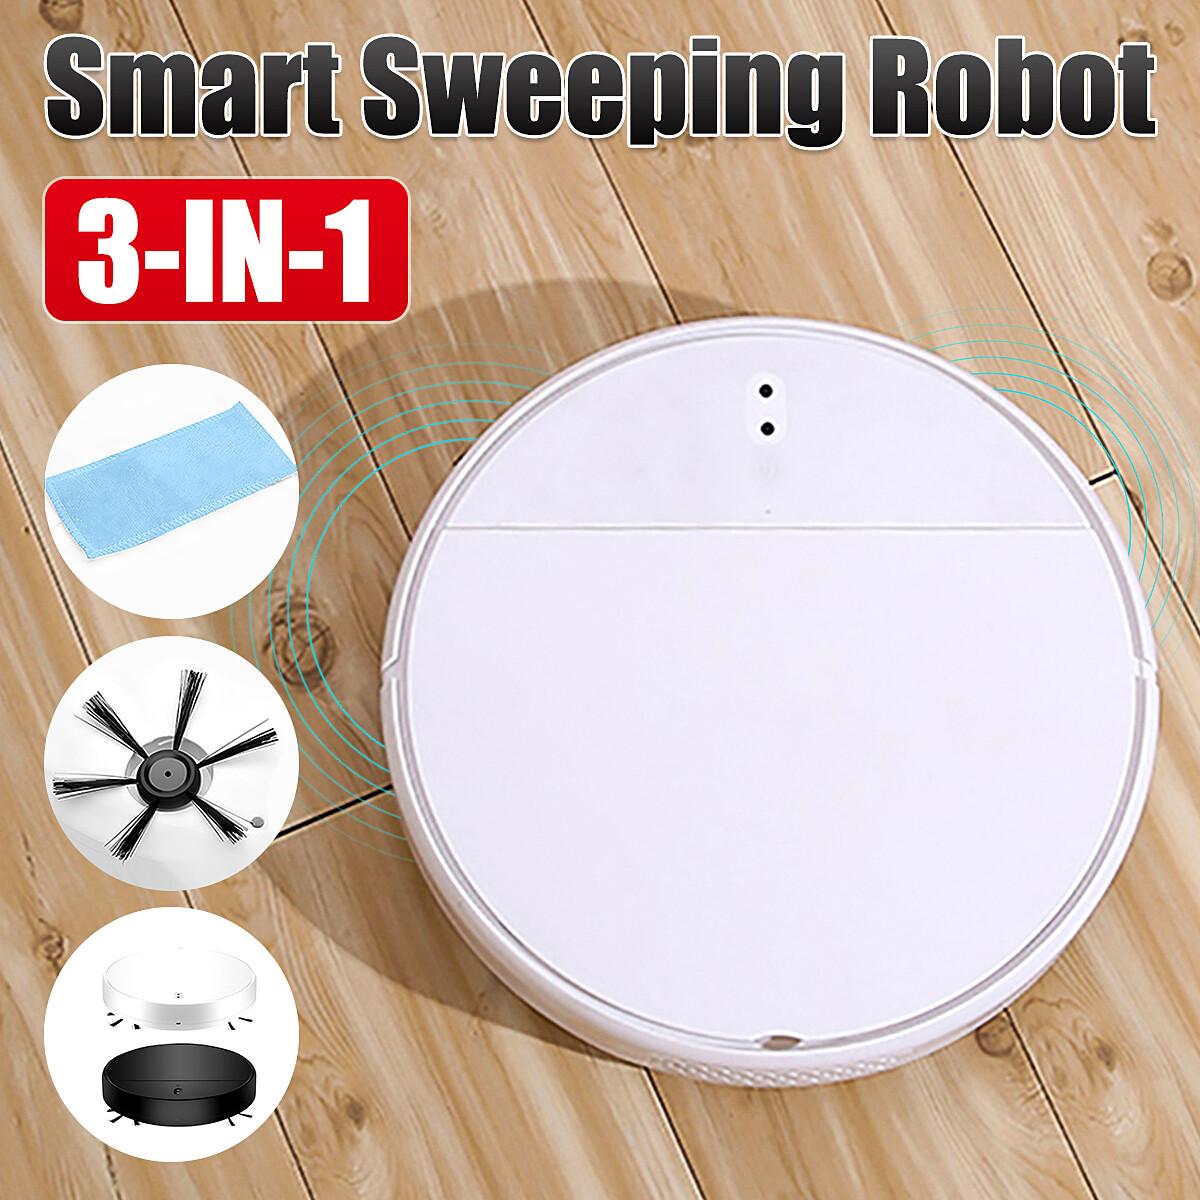 3 IN 1ดูดสมาร์ทเครื่องดูดฝุ่นหุ่นยนต์ทำความสะอาด Self จะเดิน Sweeper